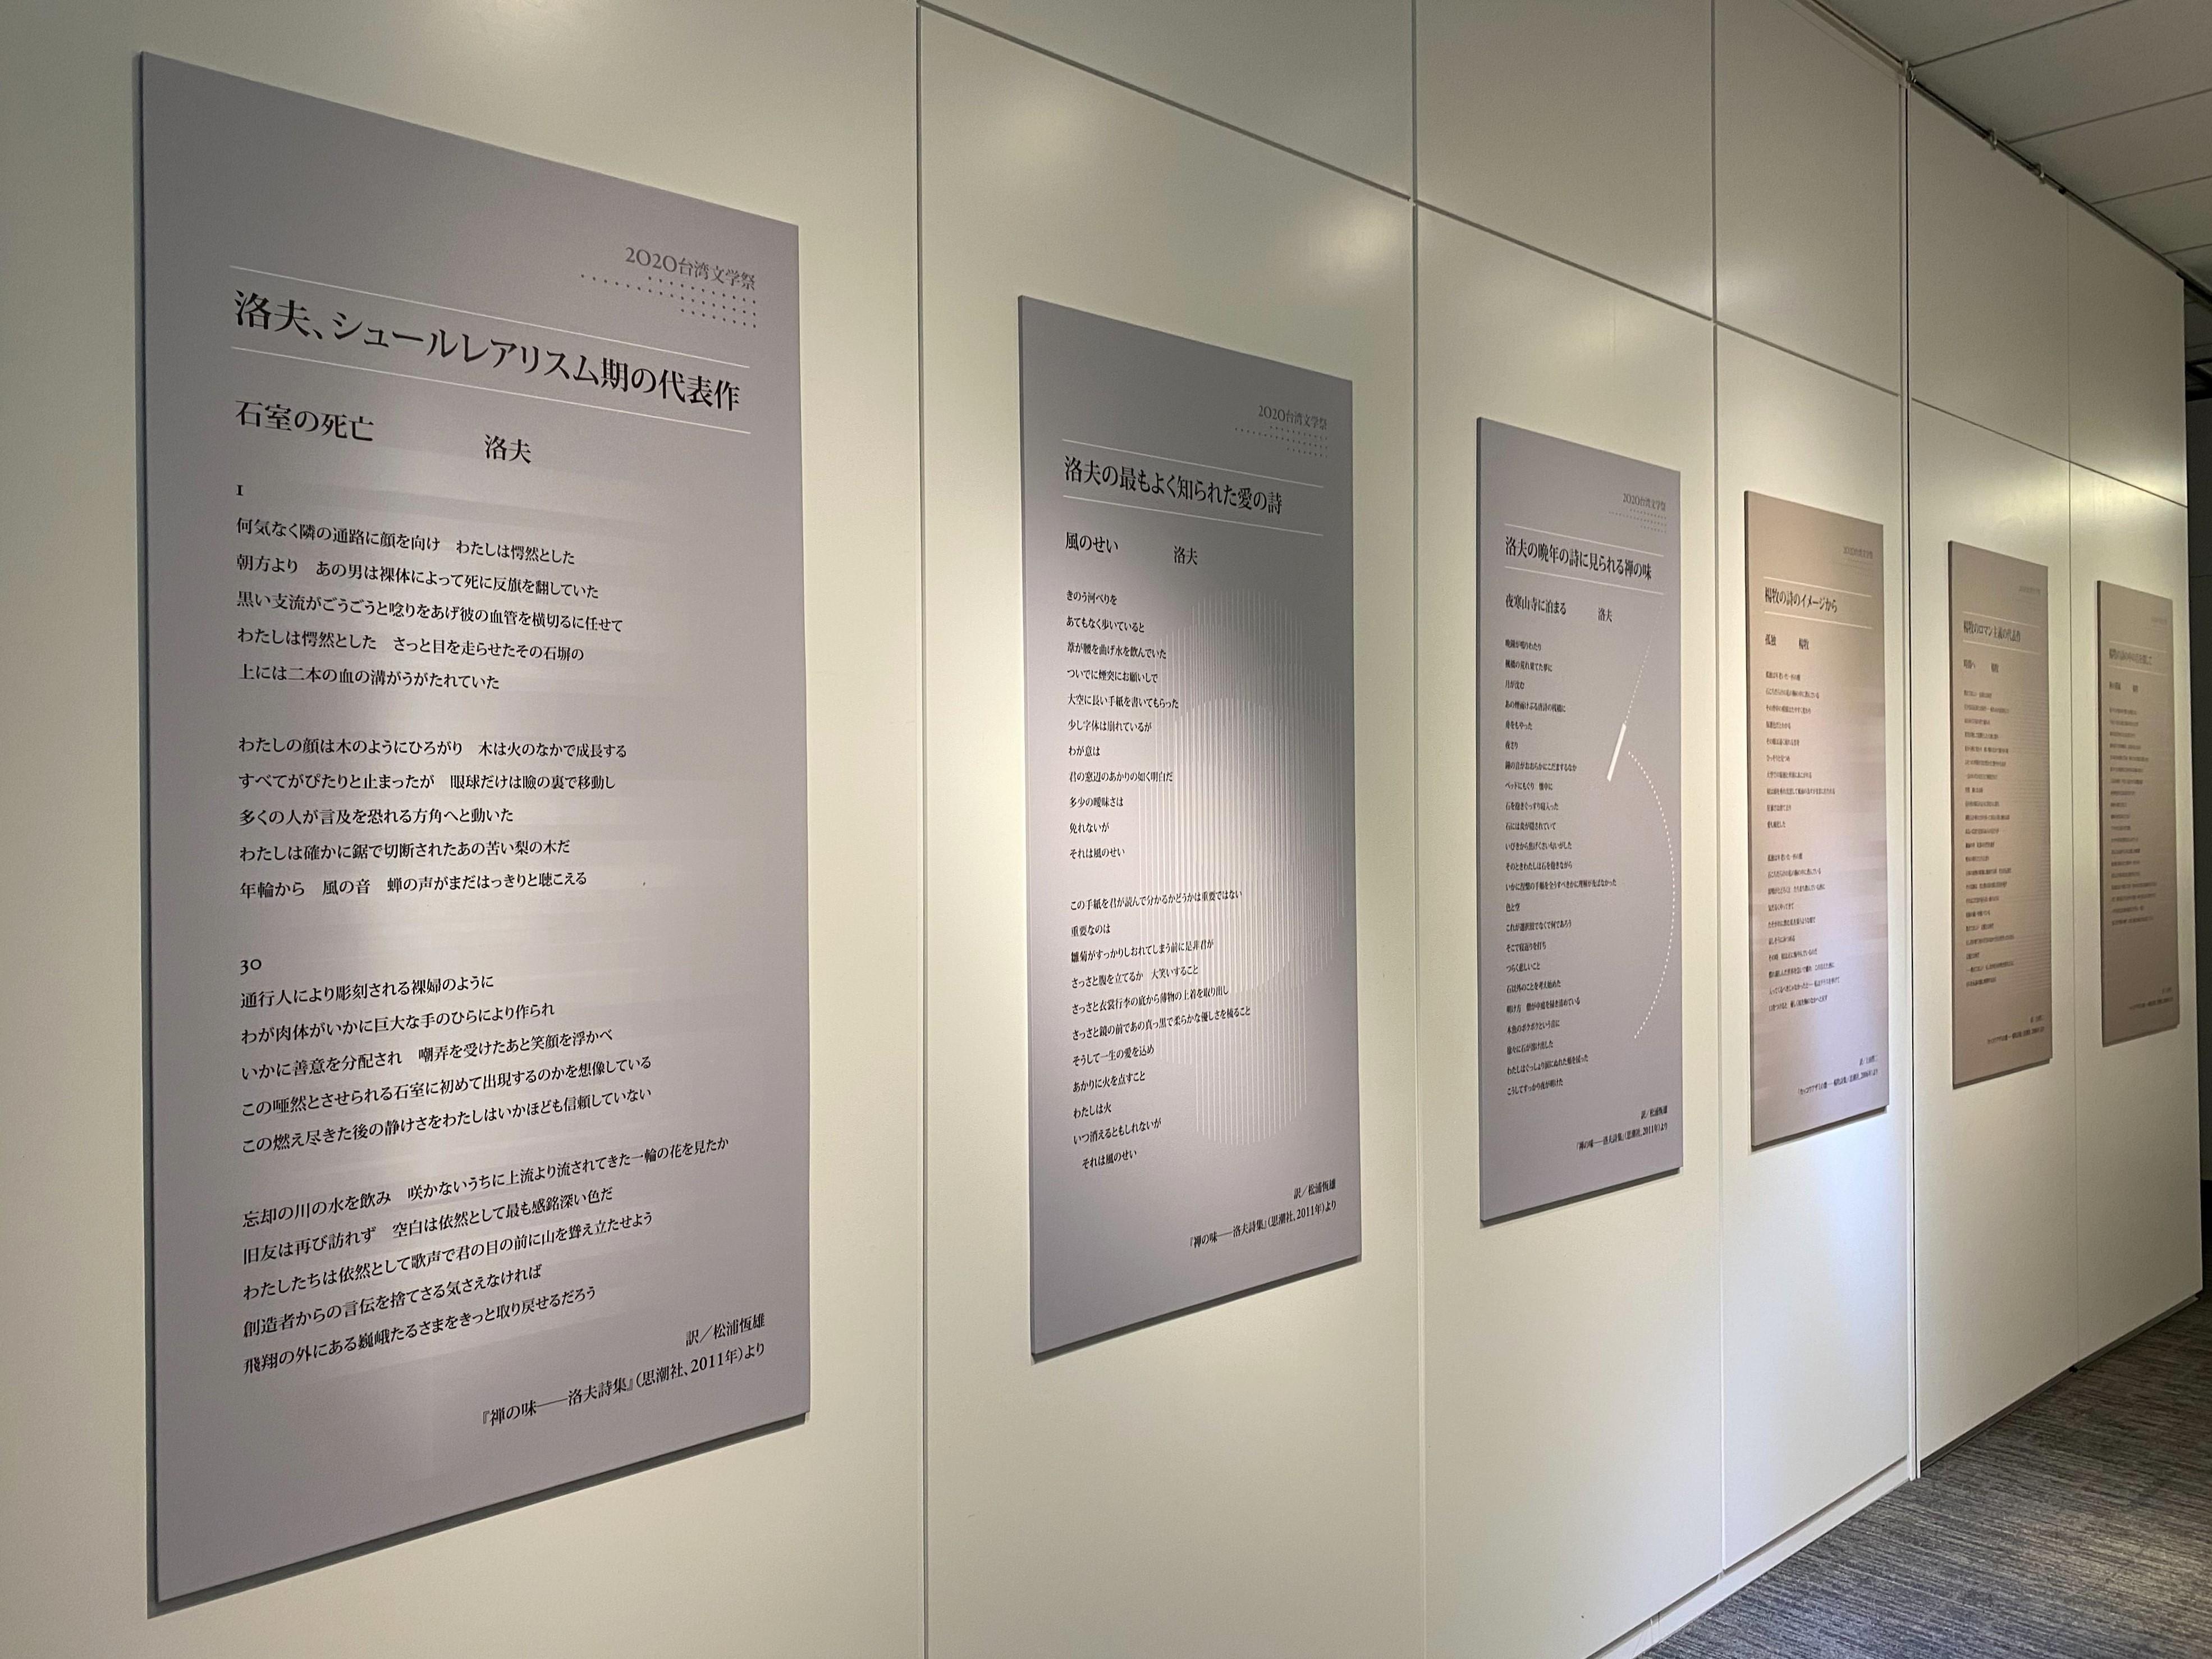 駐日台灣文化中心展出楊牧及洛夫兩位詩人日譯詩句作品.jpg